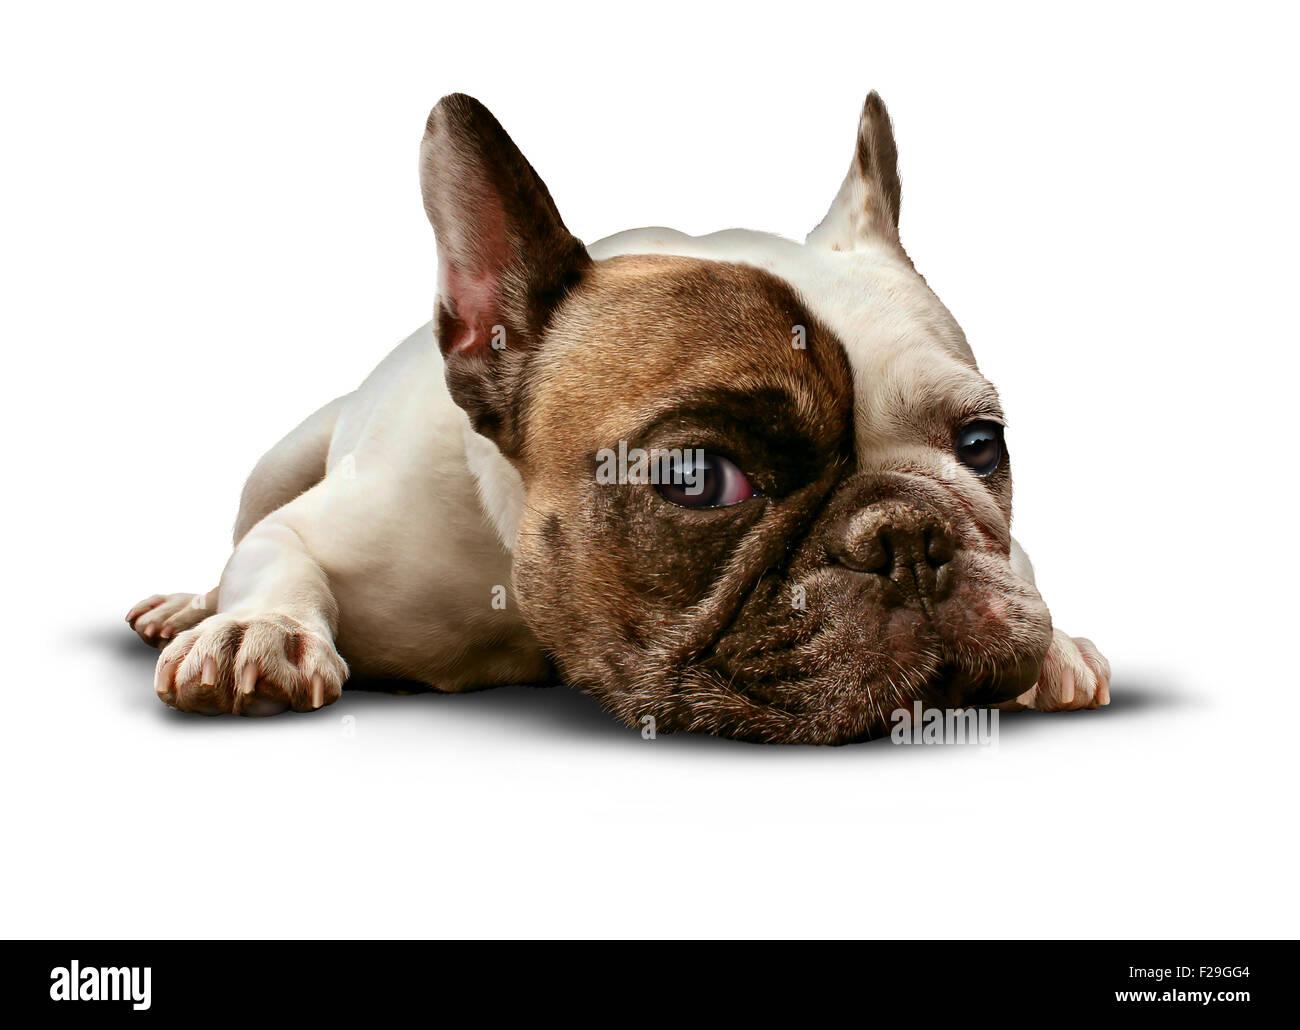 Cane sdraiato su uno sfondo bianco come un simpatico bulldog francese cercando triste e solitaria o la posa sul Immagini Stock